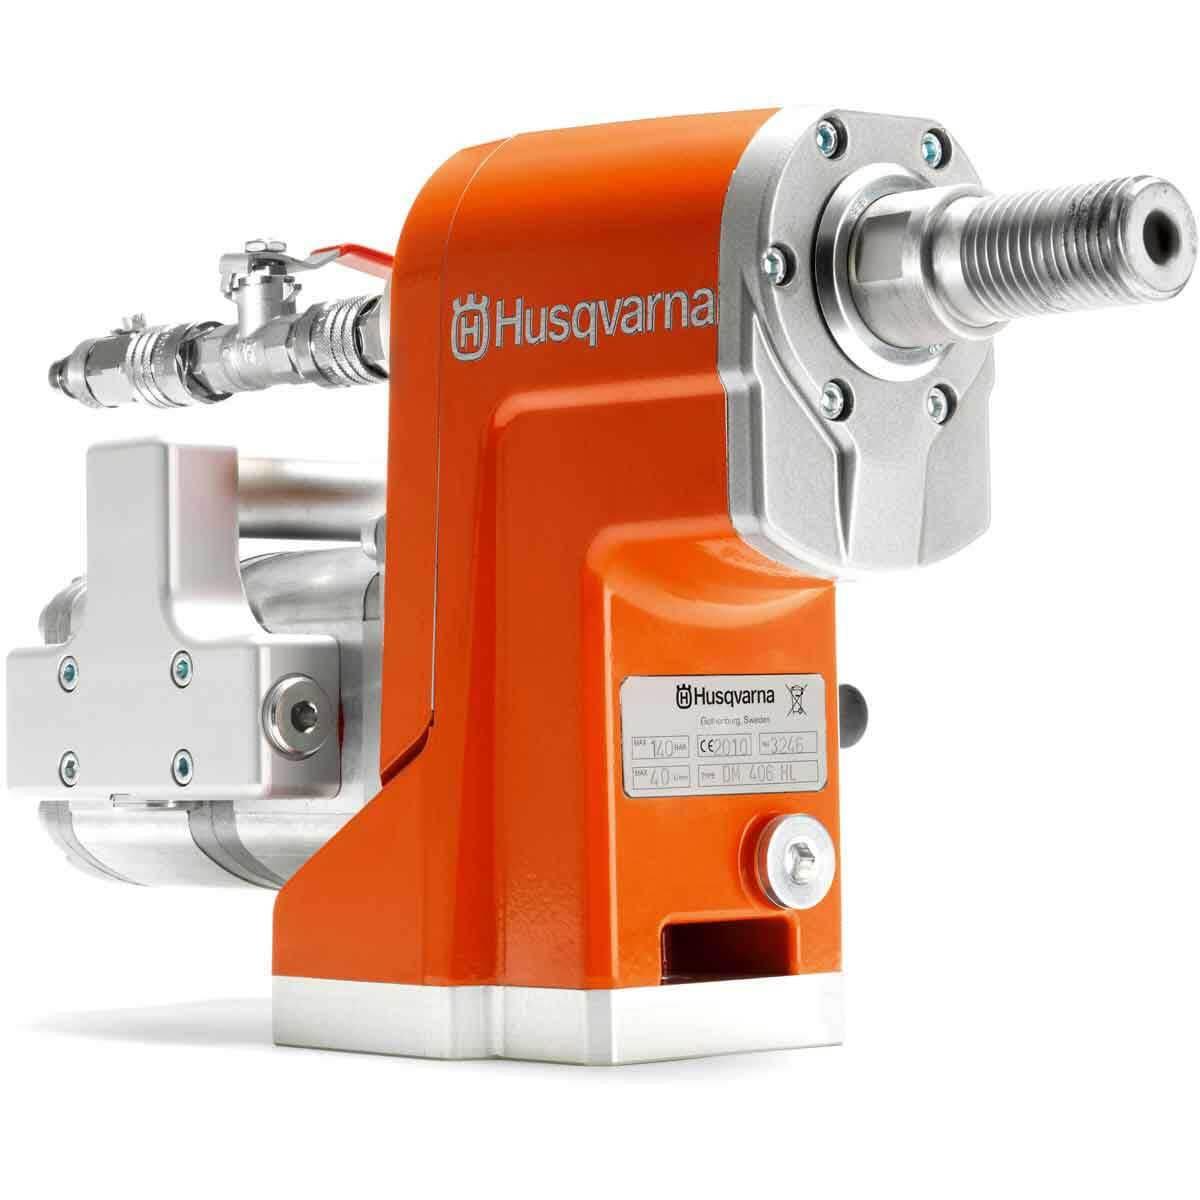 DM 406 H 6-Speed Hydraulic drill